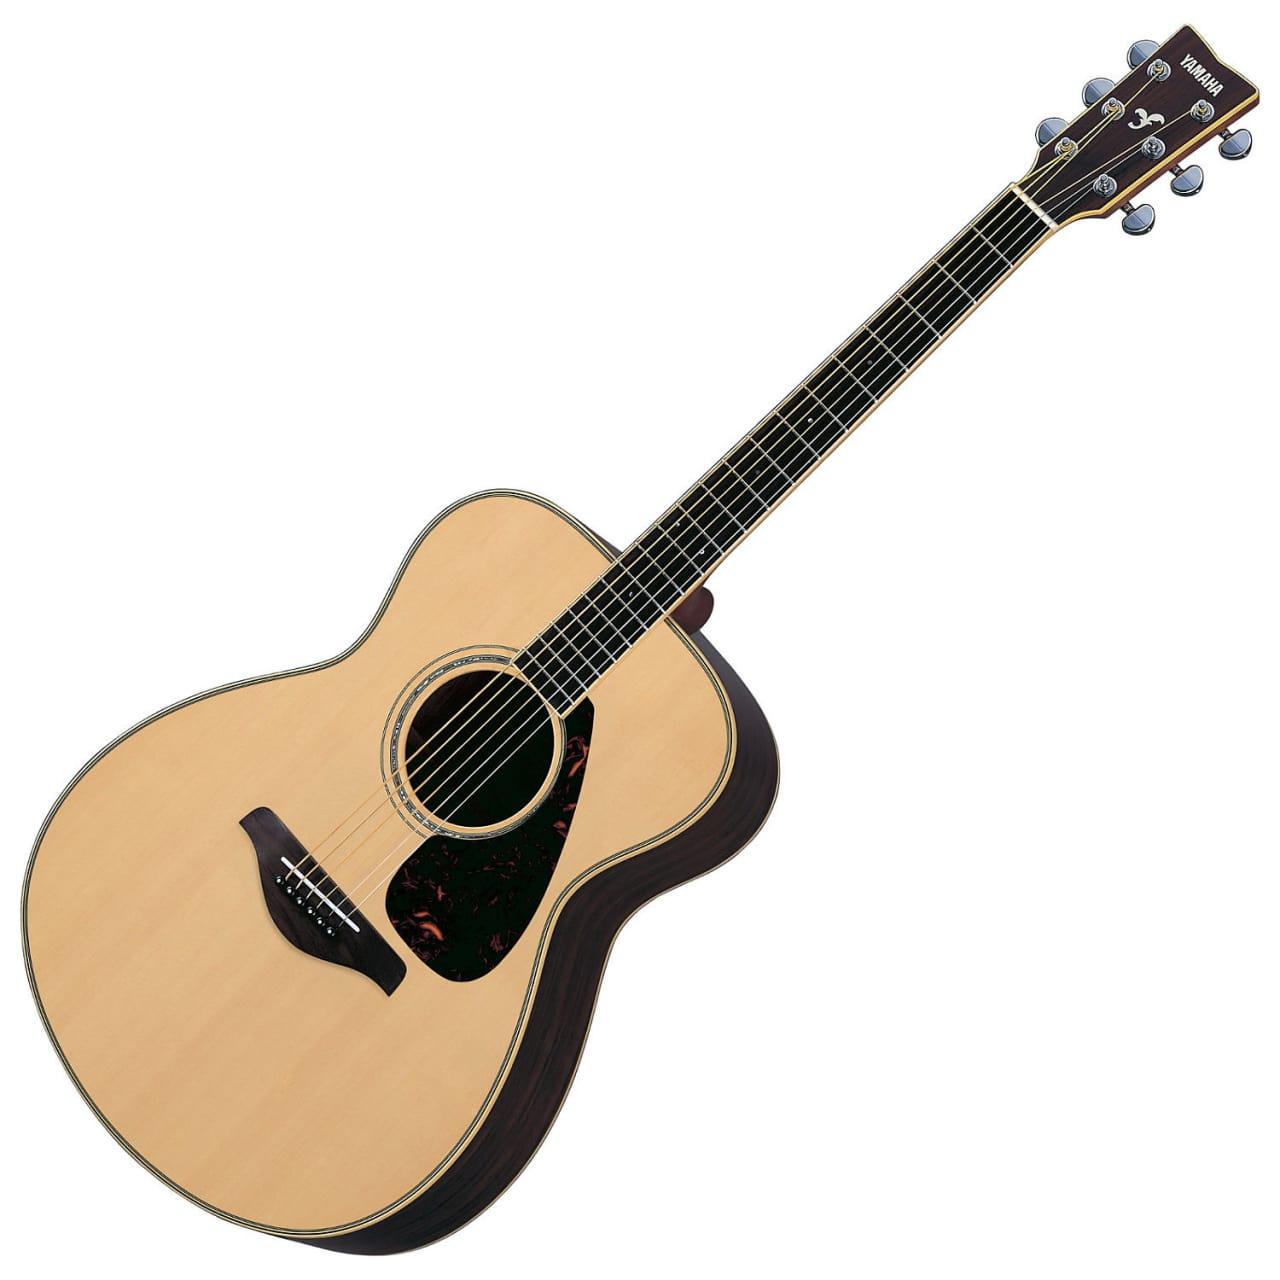 Yamaha Artists Guitar